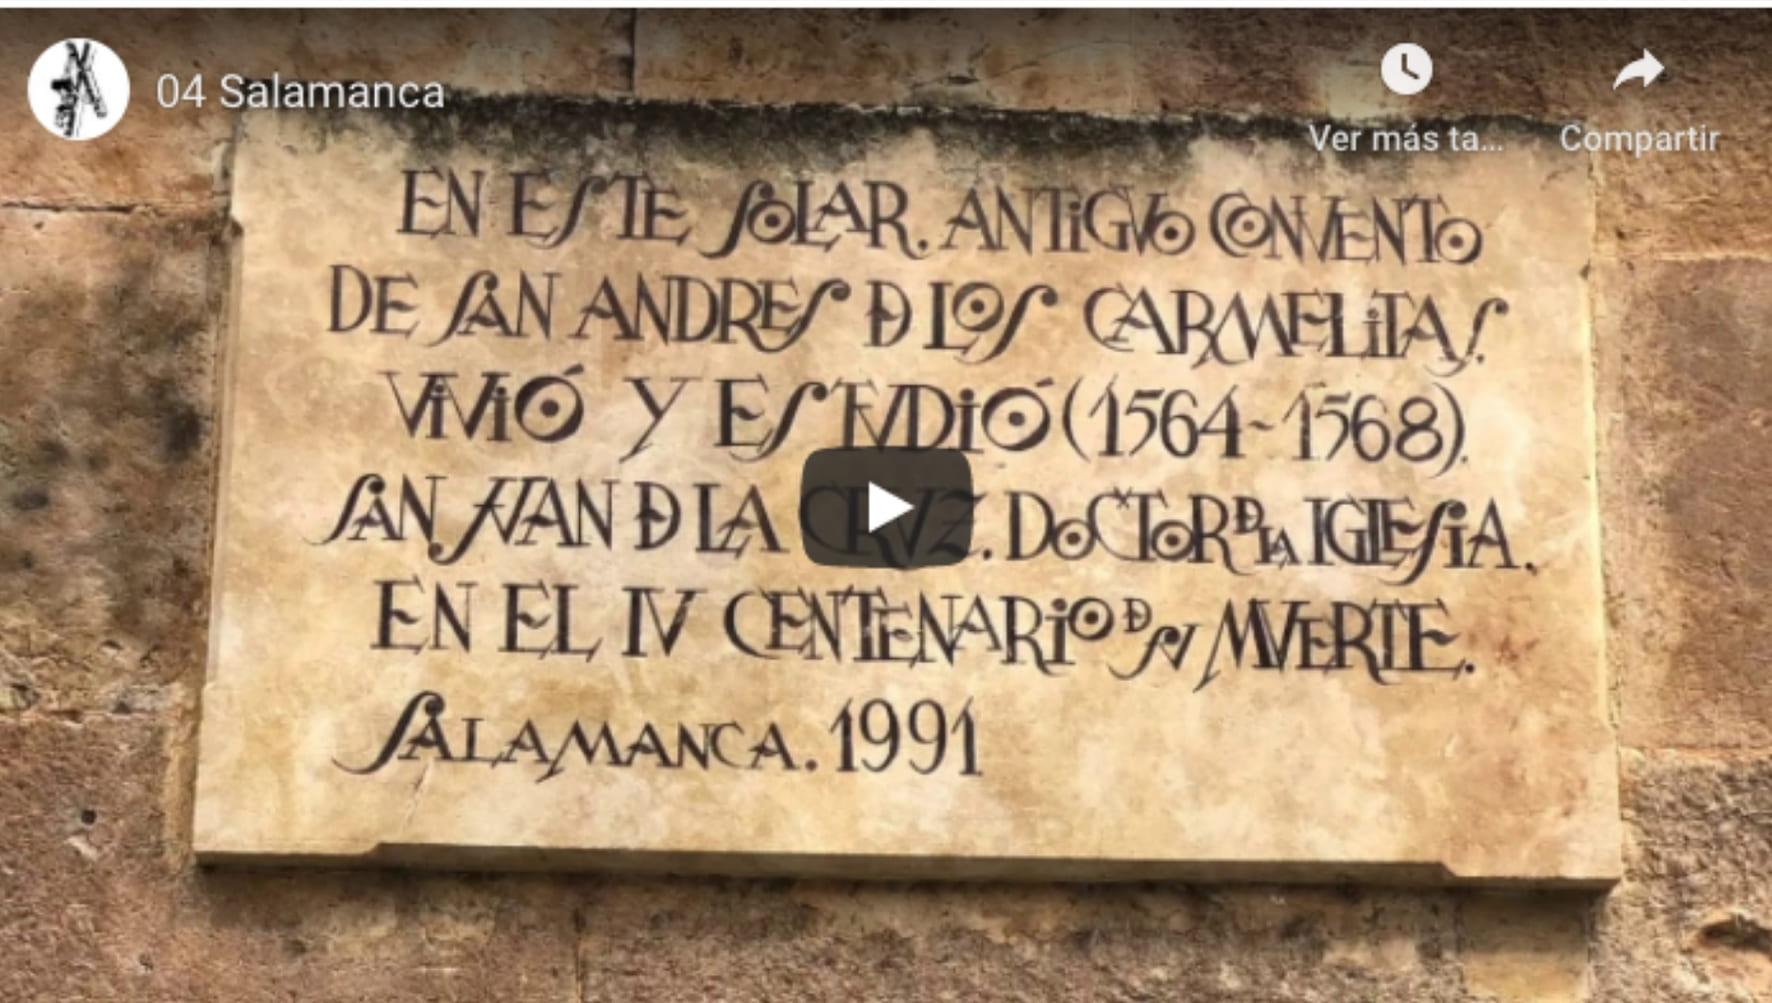 4. Salamanca